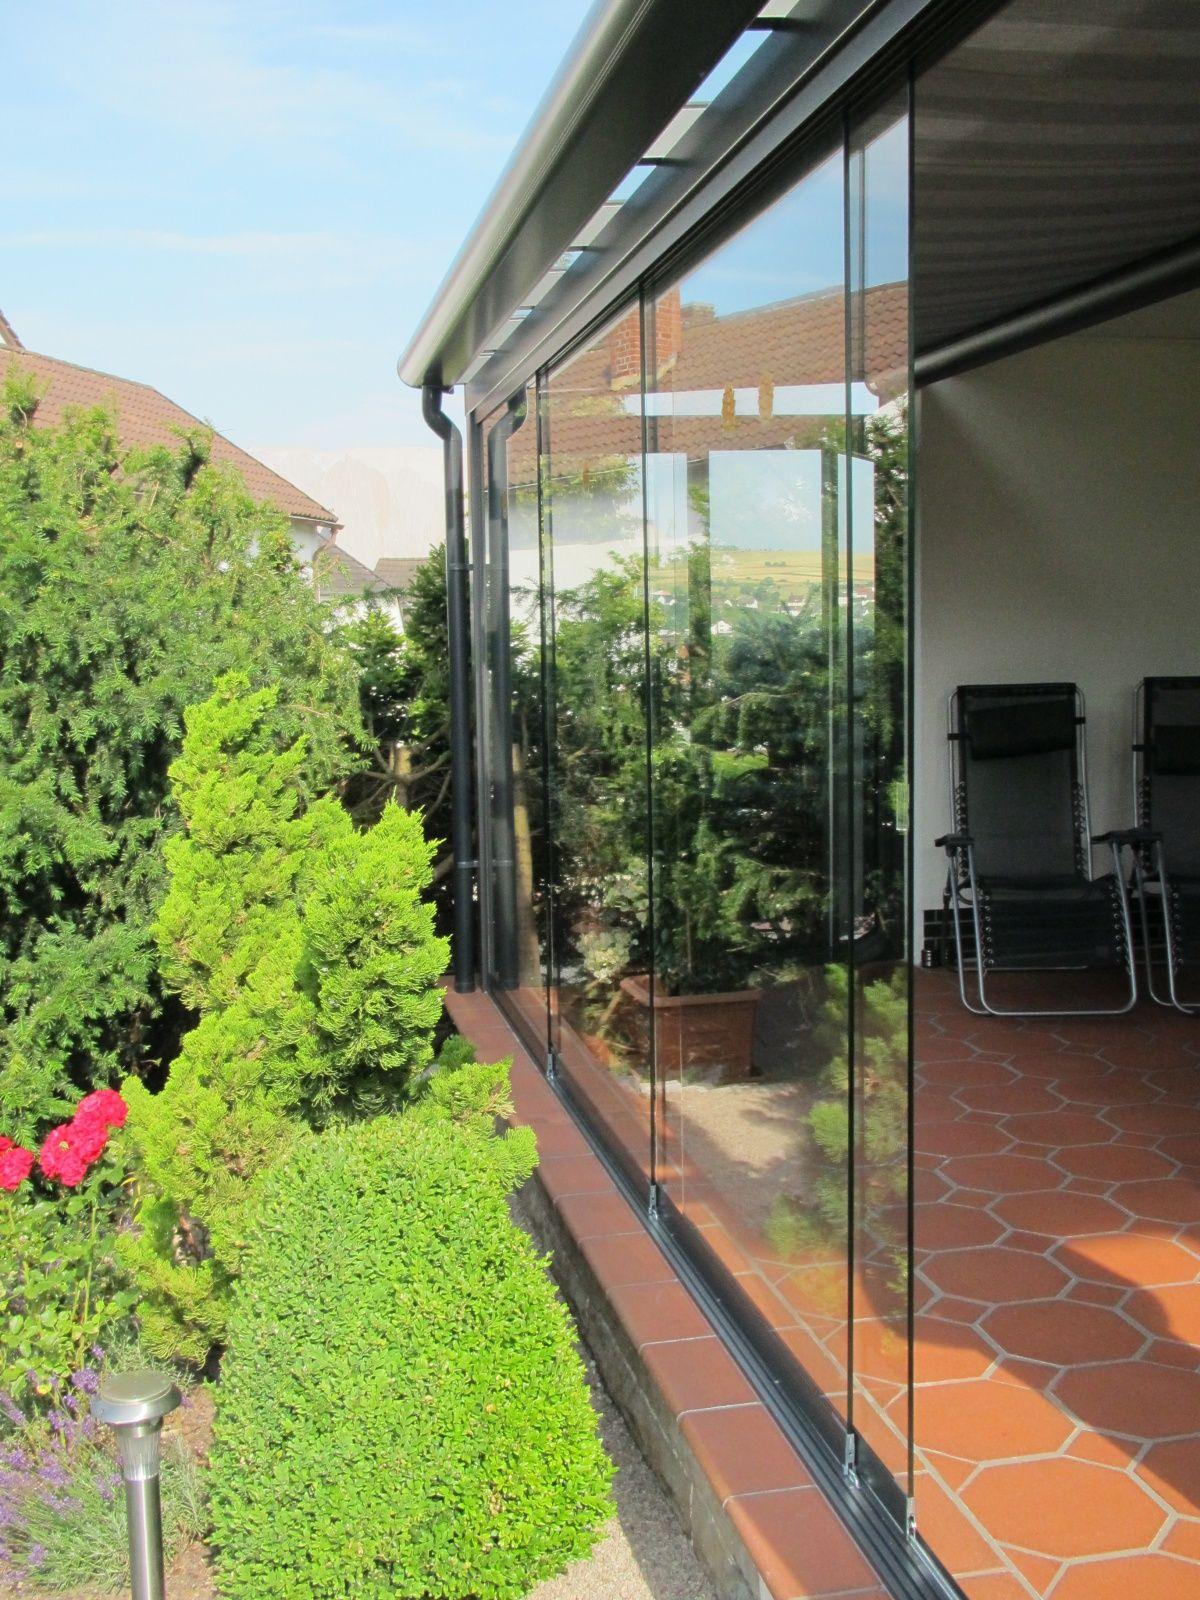 Sommergarten Interior design